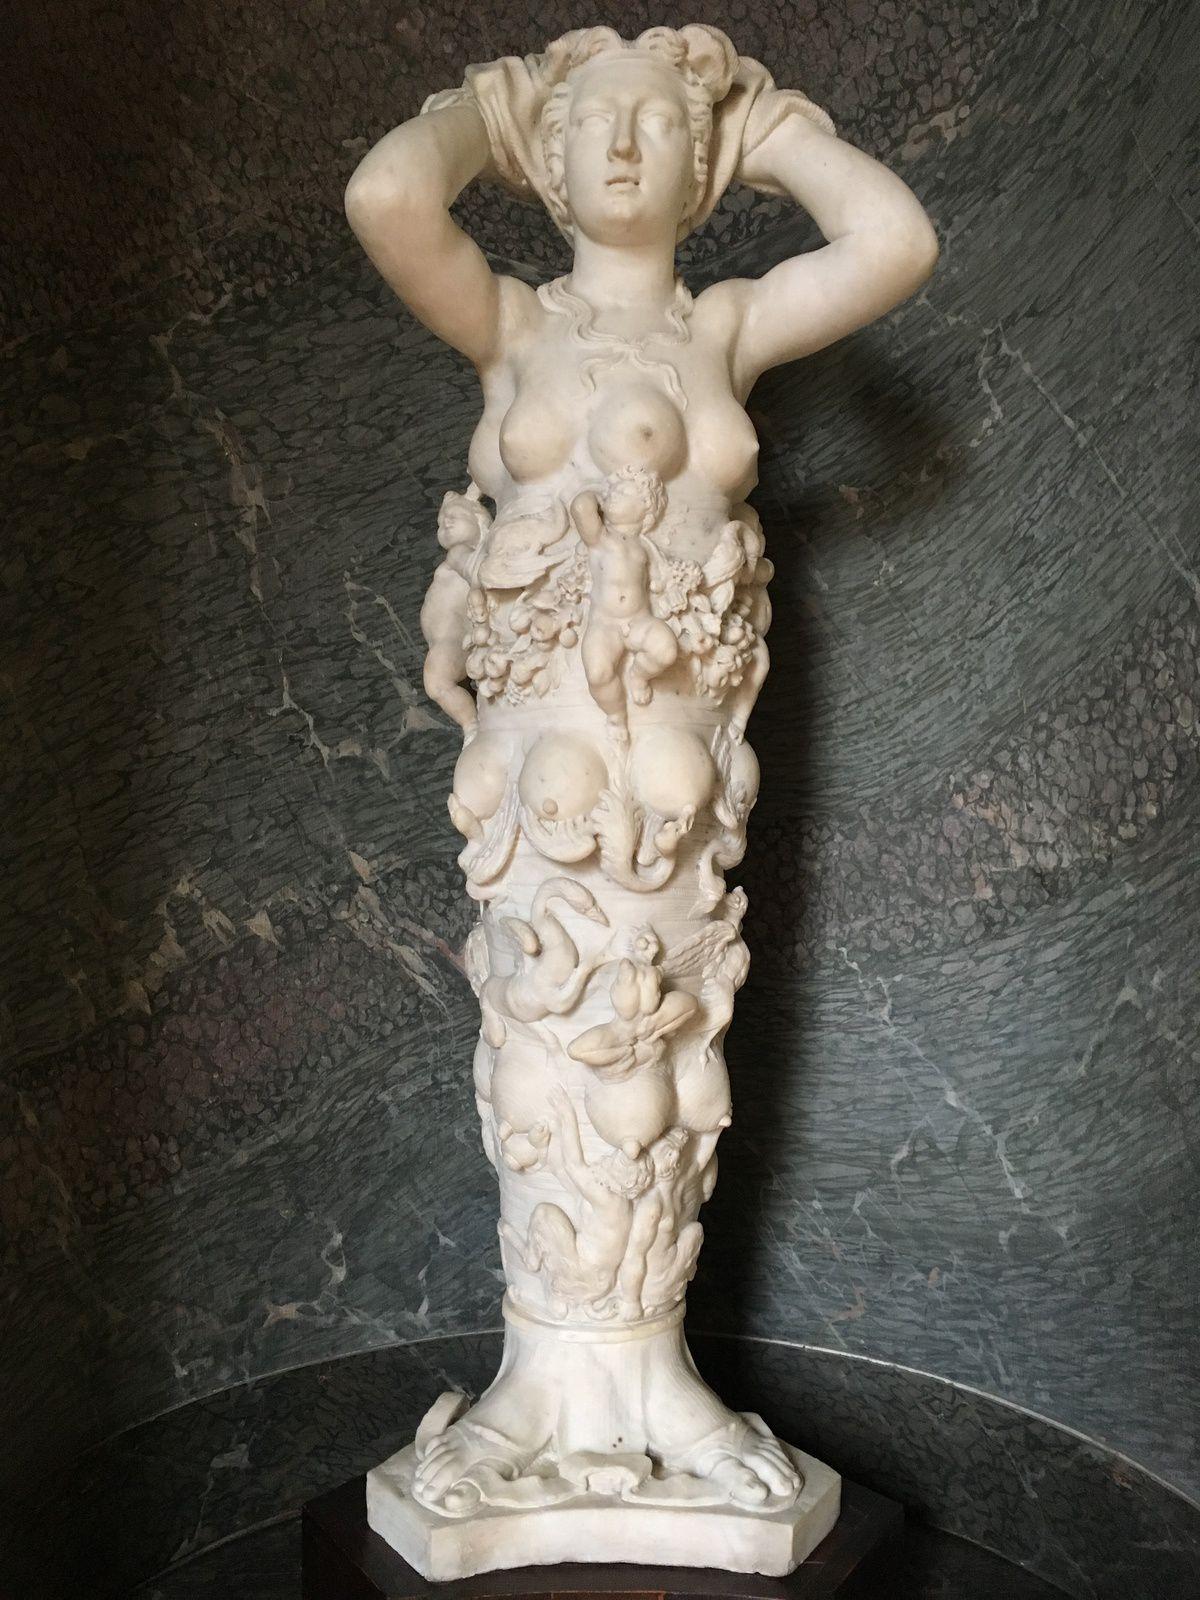 Une sculpture hymne à la vie et à la maternité